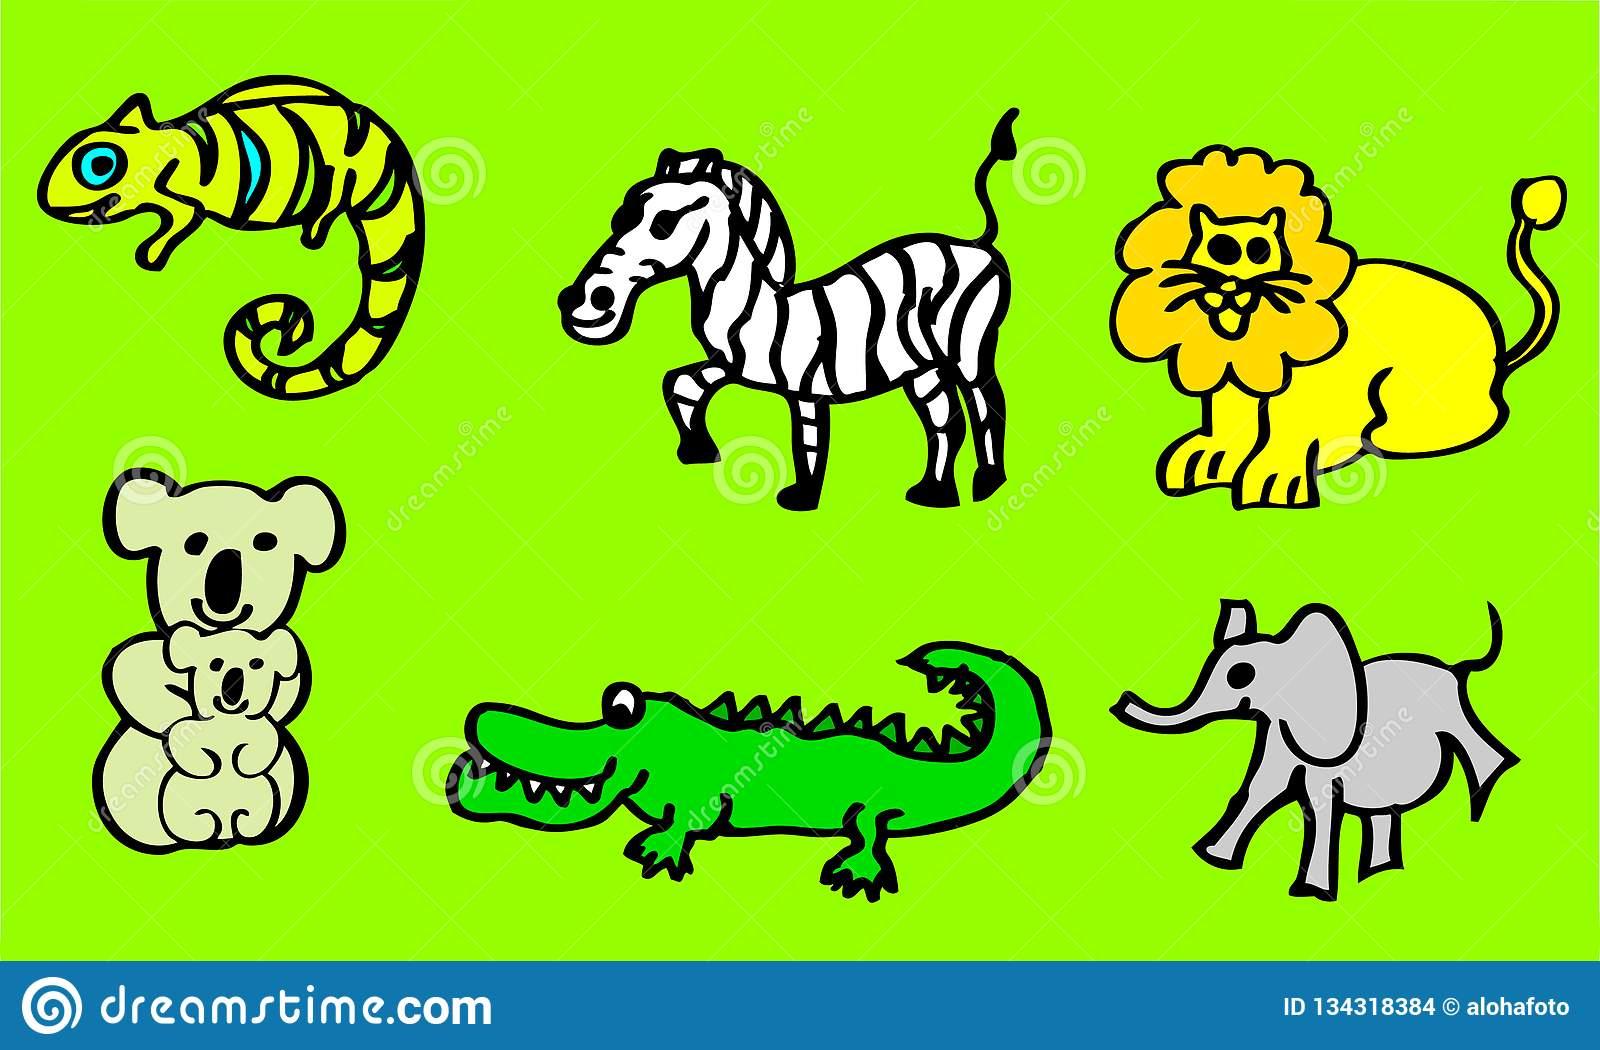 Zeichnungen Über Wilde Tiere Für Kinder Mit Einem Löwe Und verwandt mit Krokodil Bilder Für Kinder